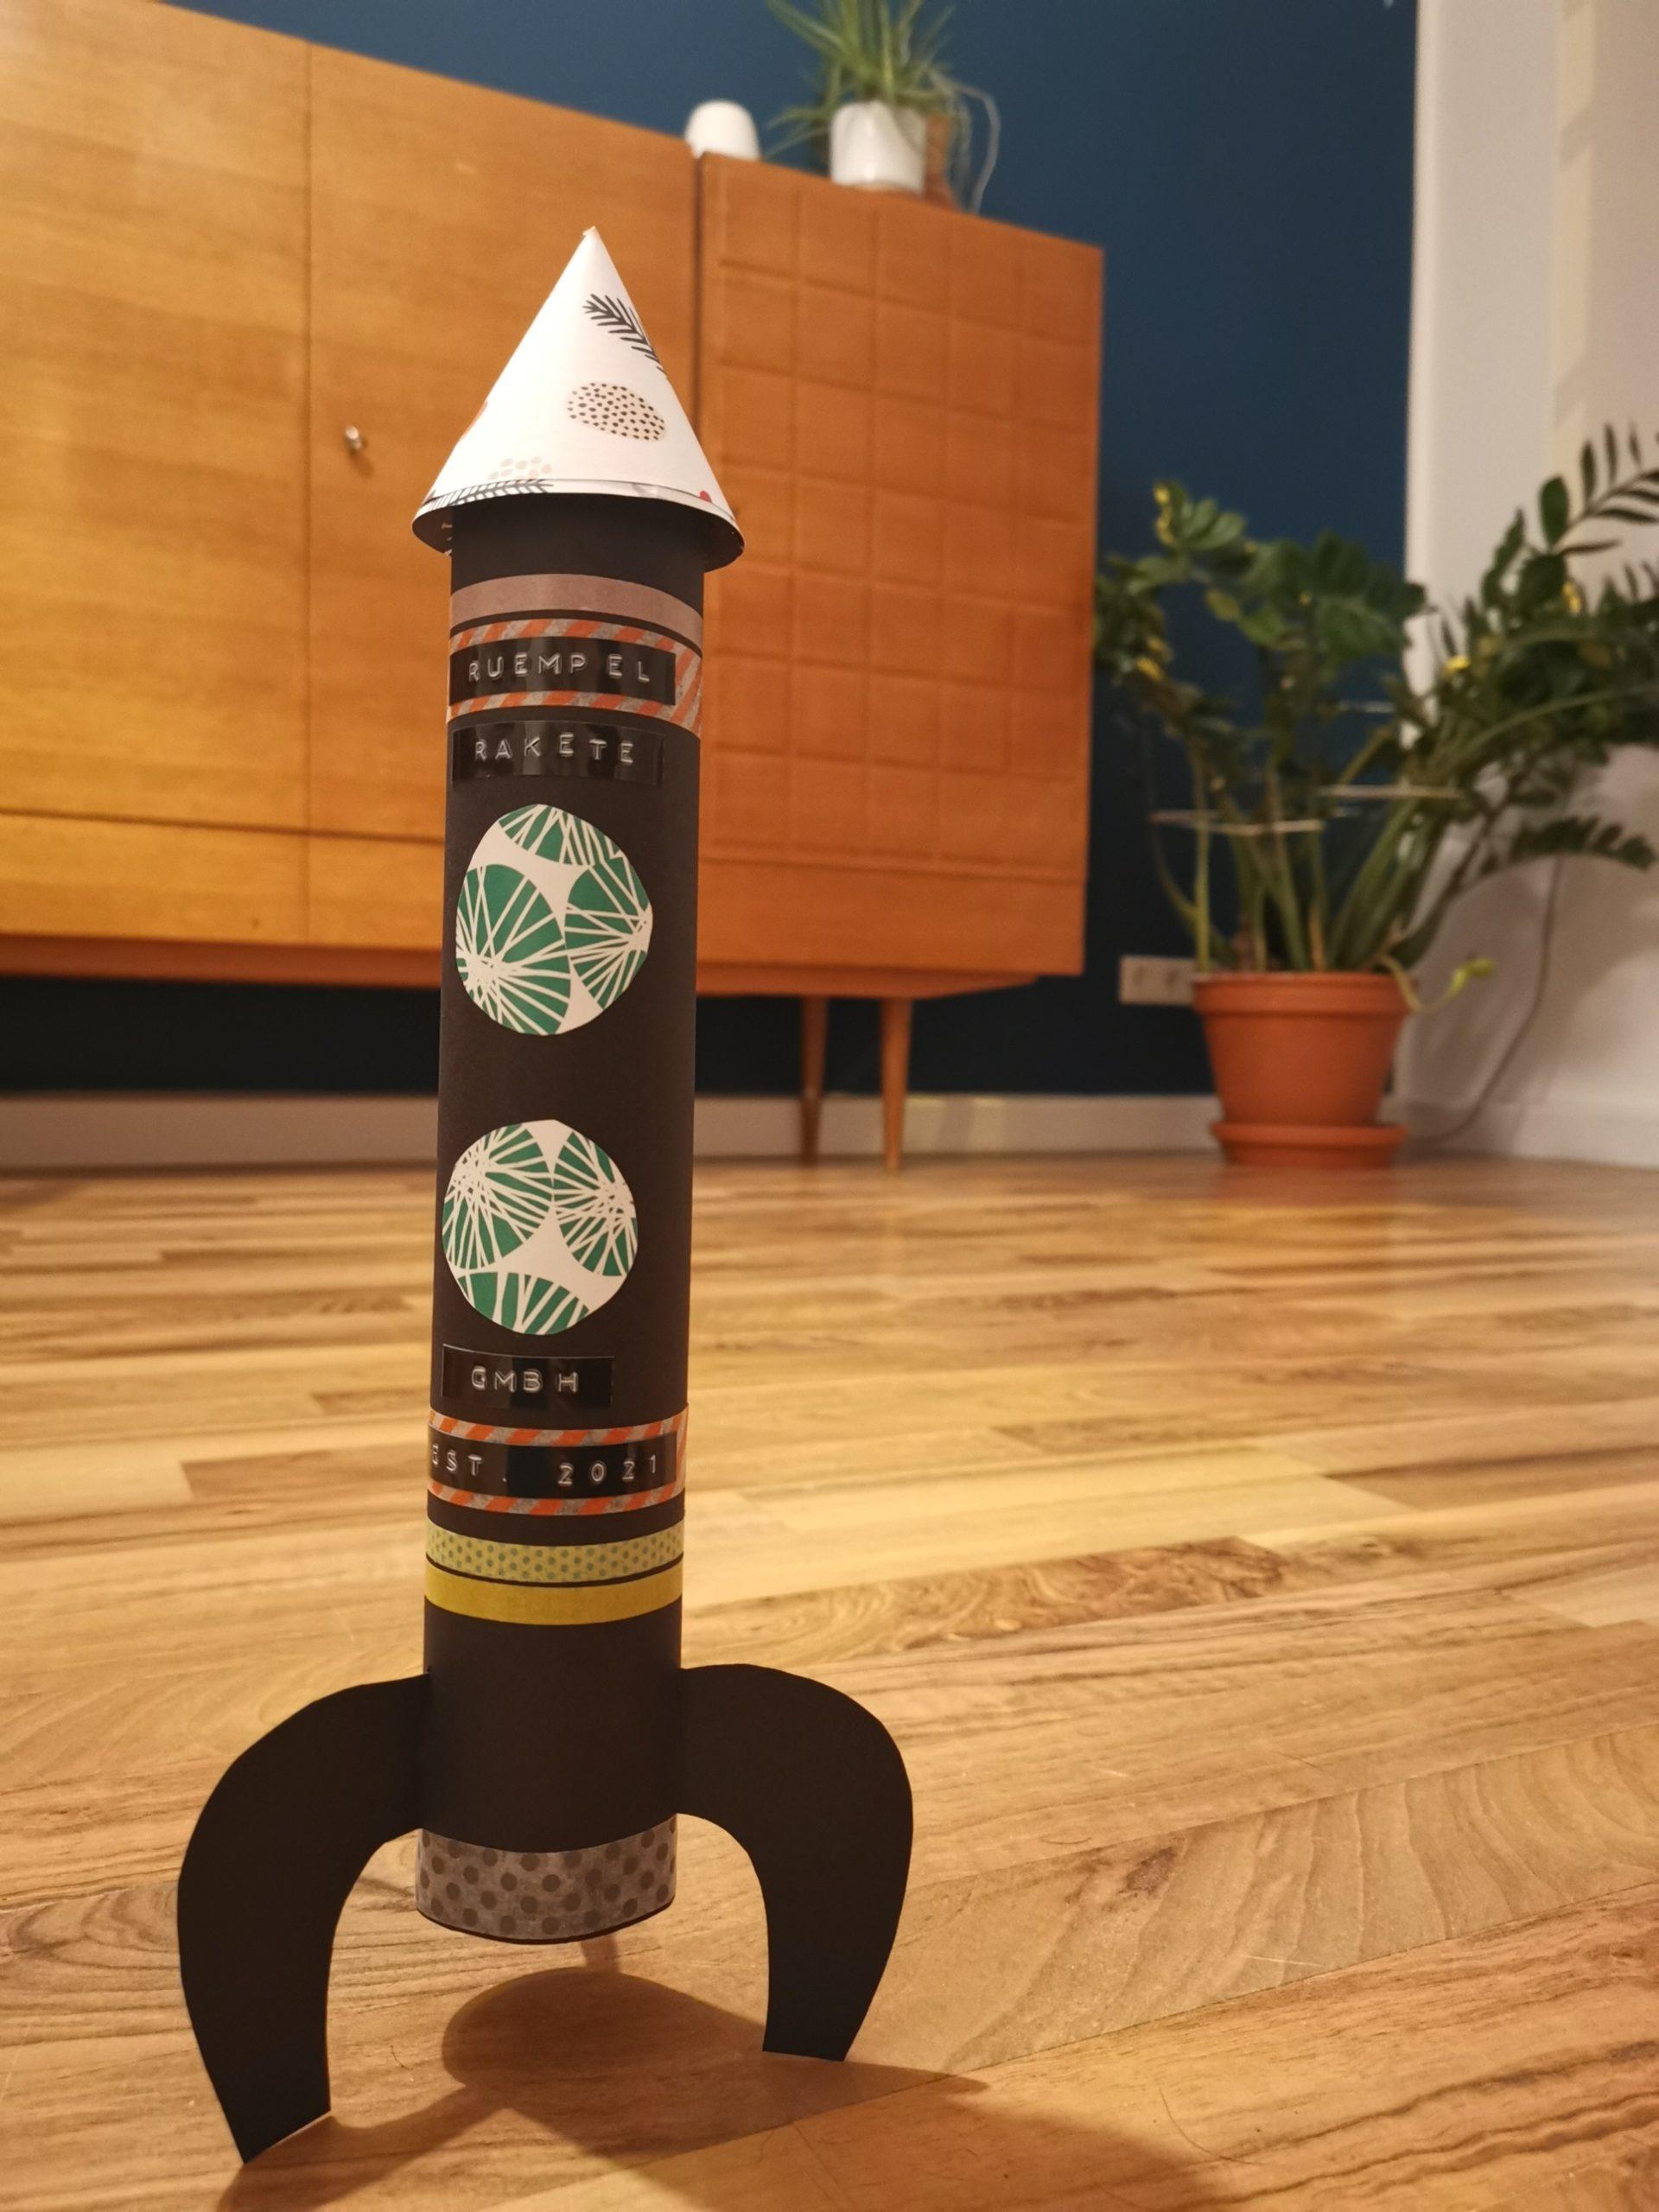 Entrümpelung Frankfurt mit Rümpel Rakete GmbH